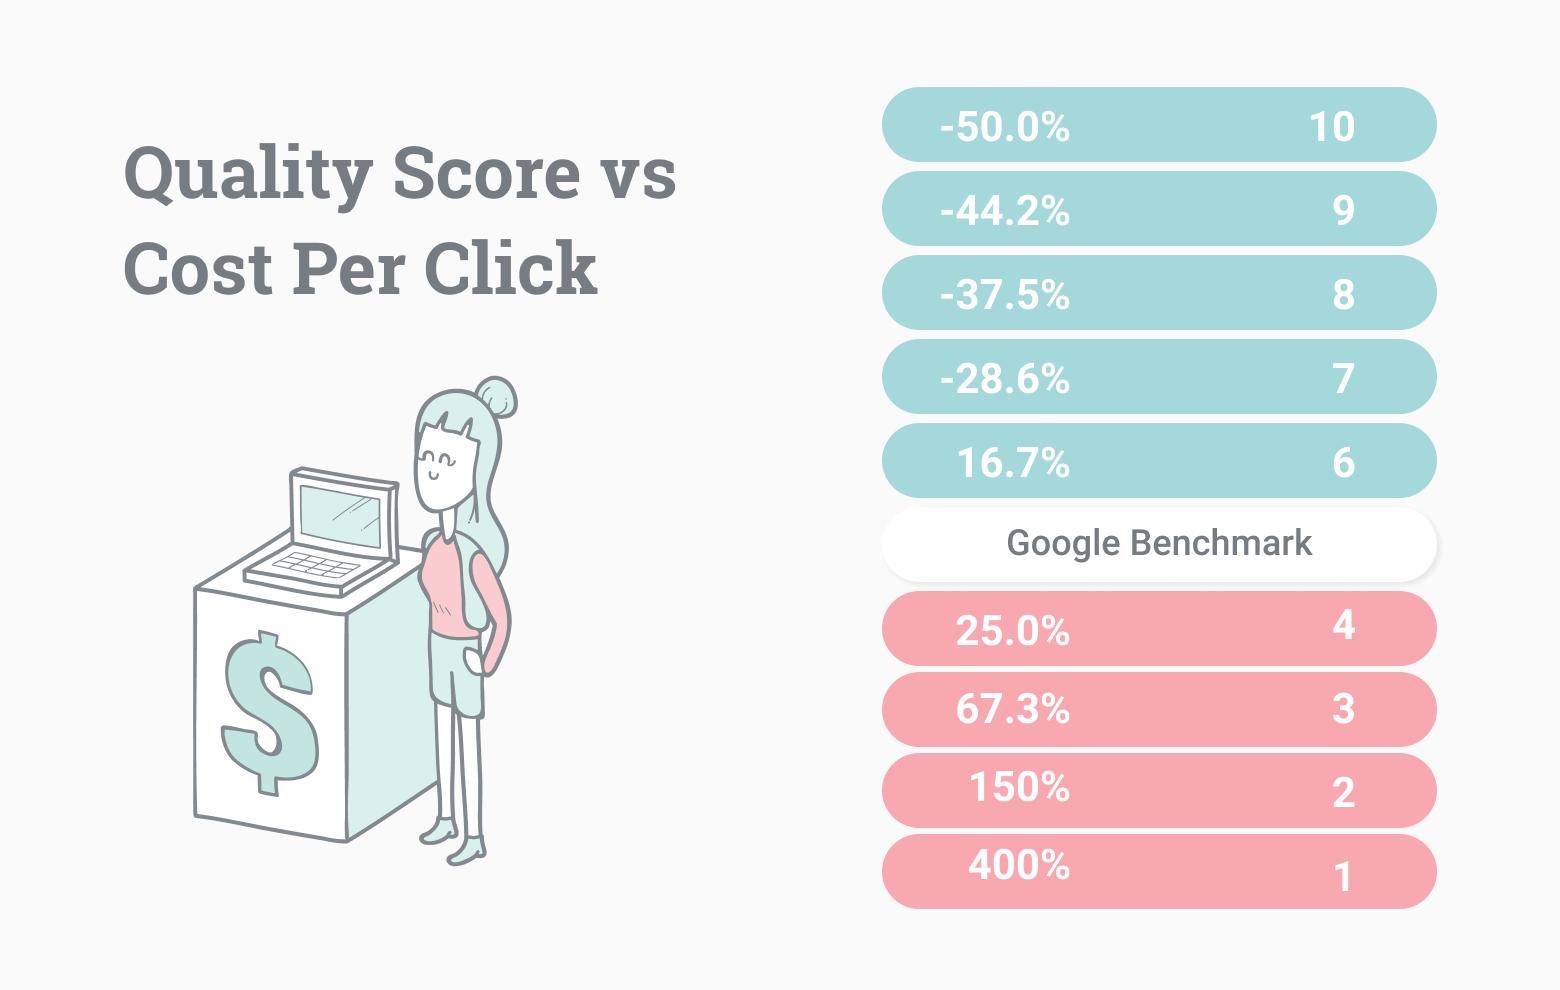 Quality score vs cost per click